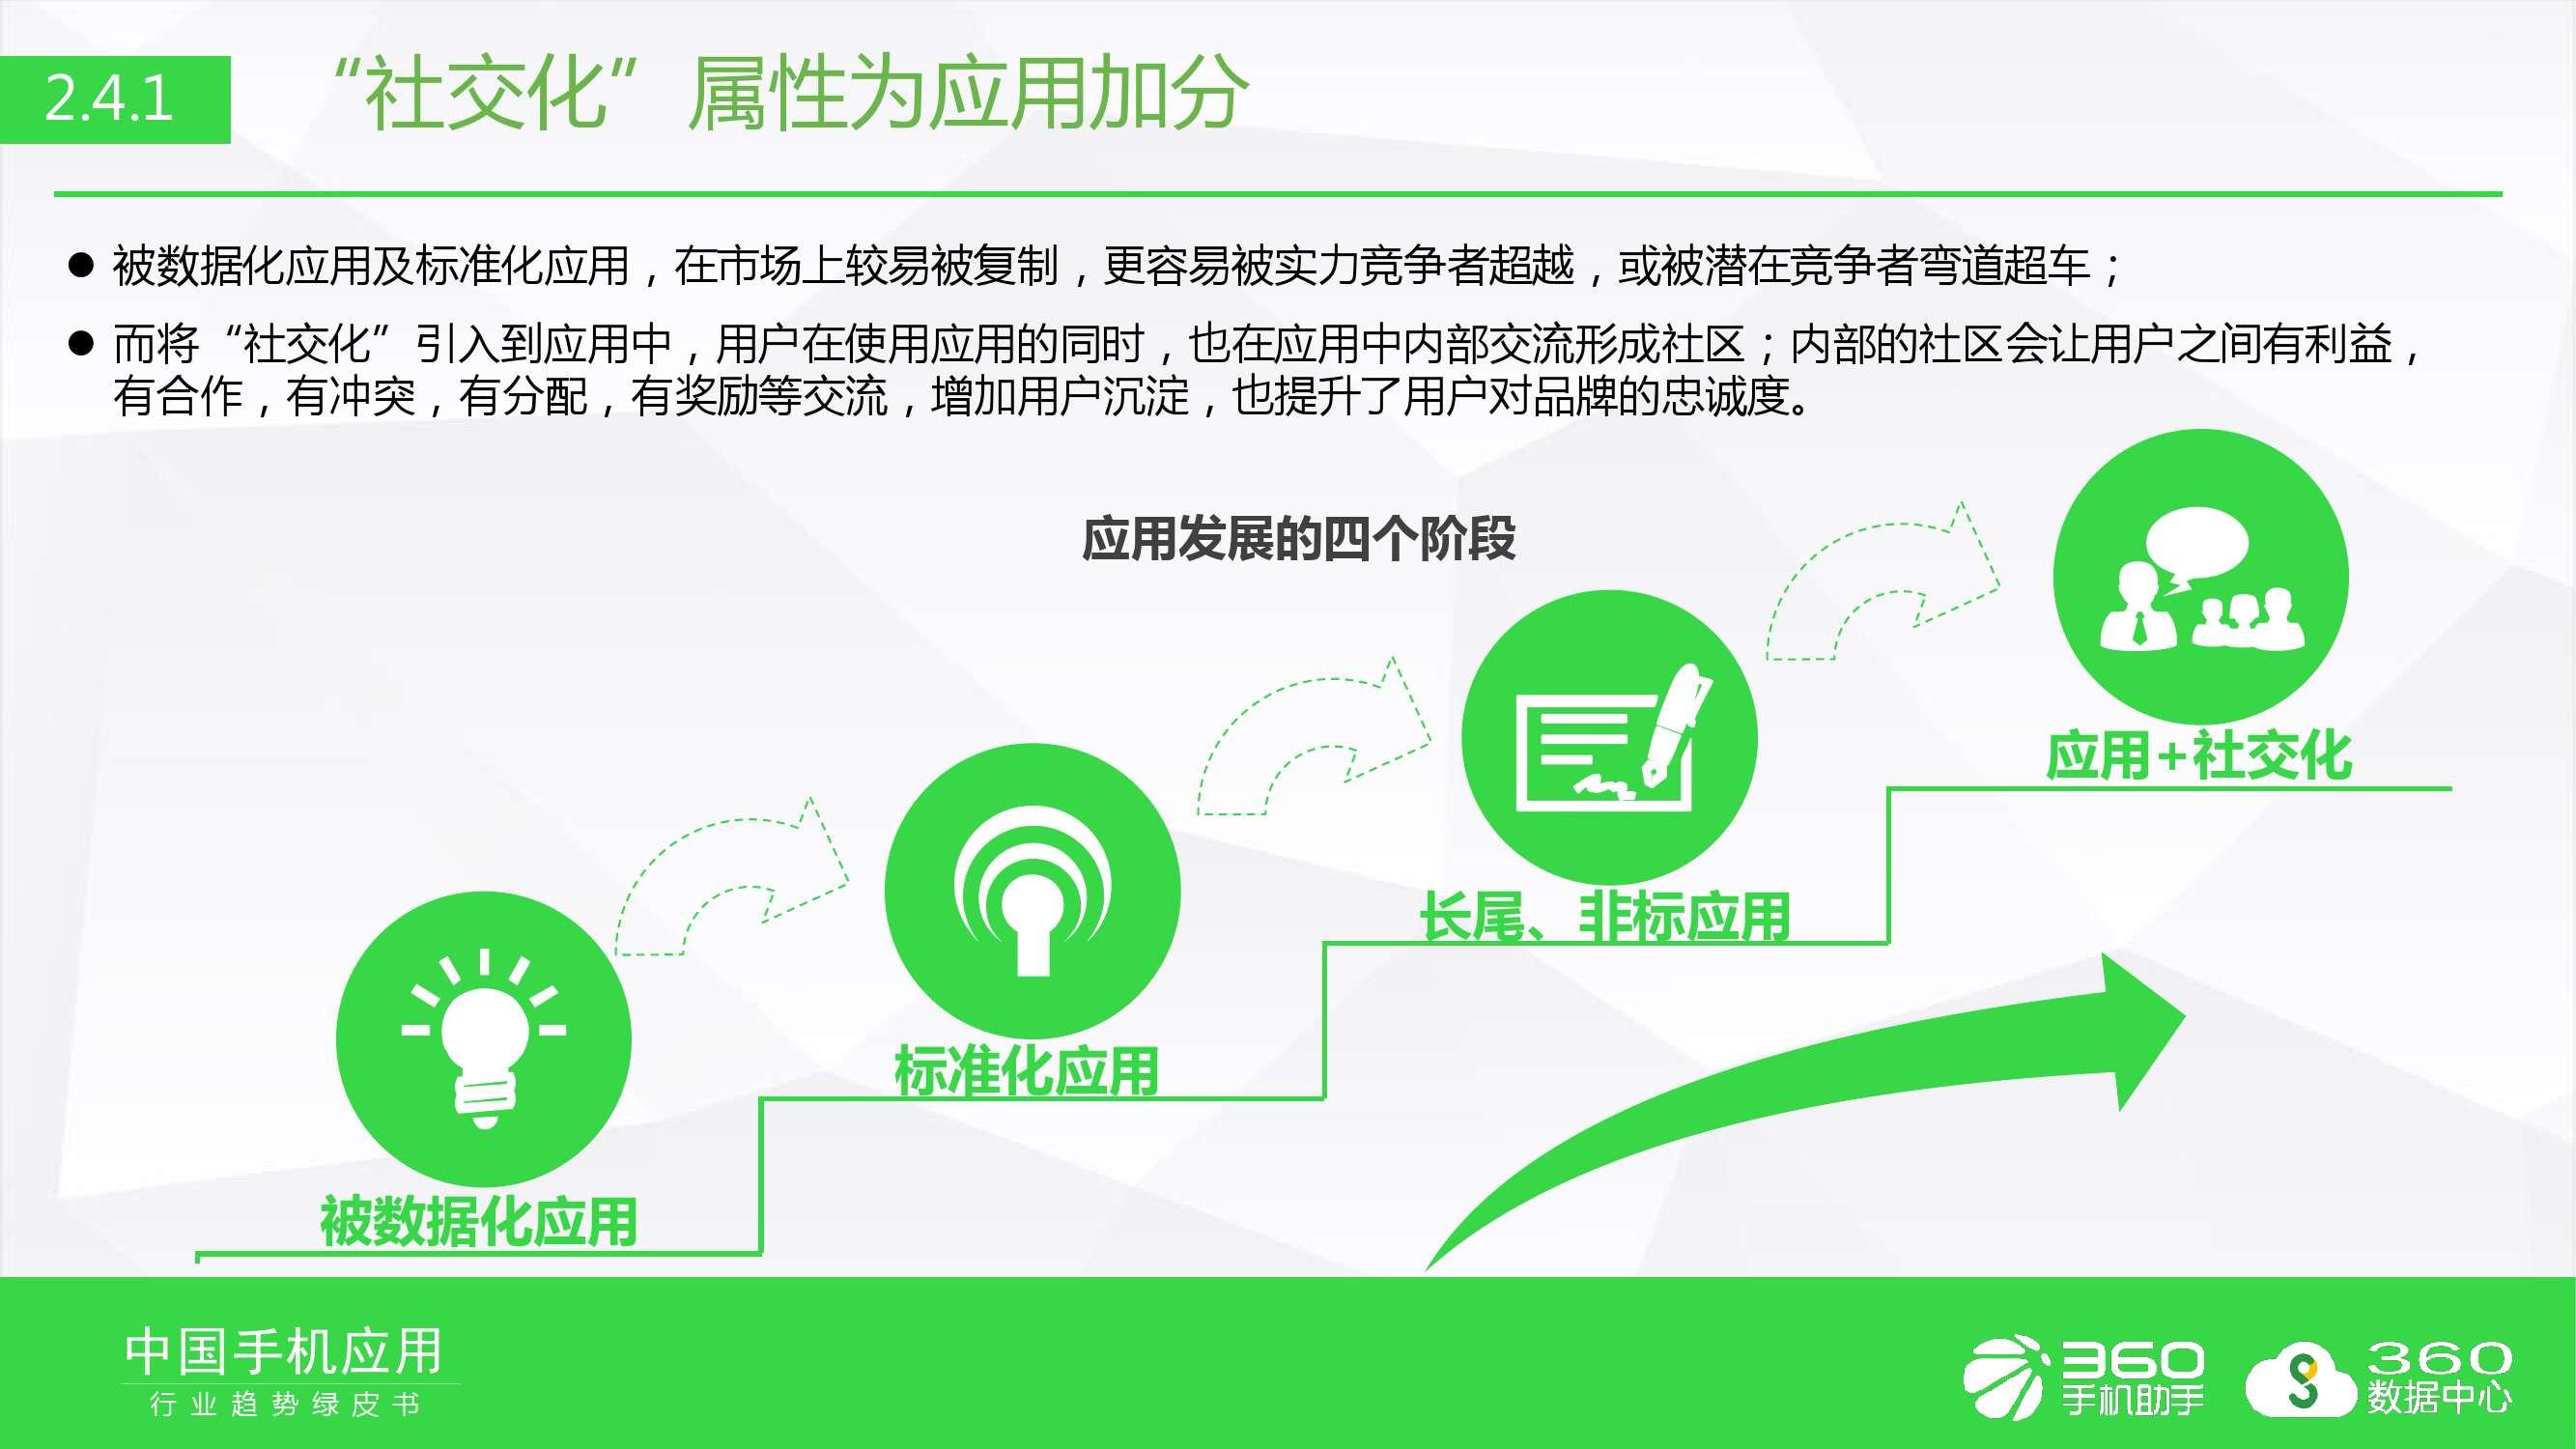 2016年手机软件行业趋势绿皮书_000019